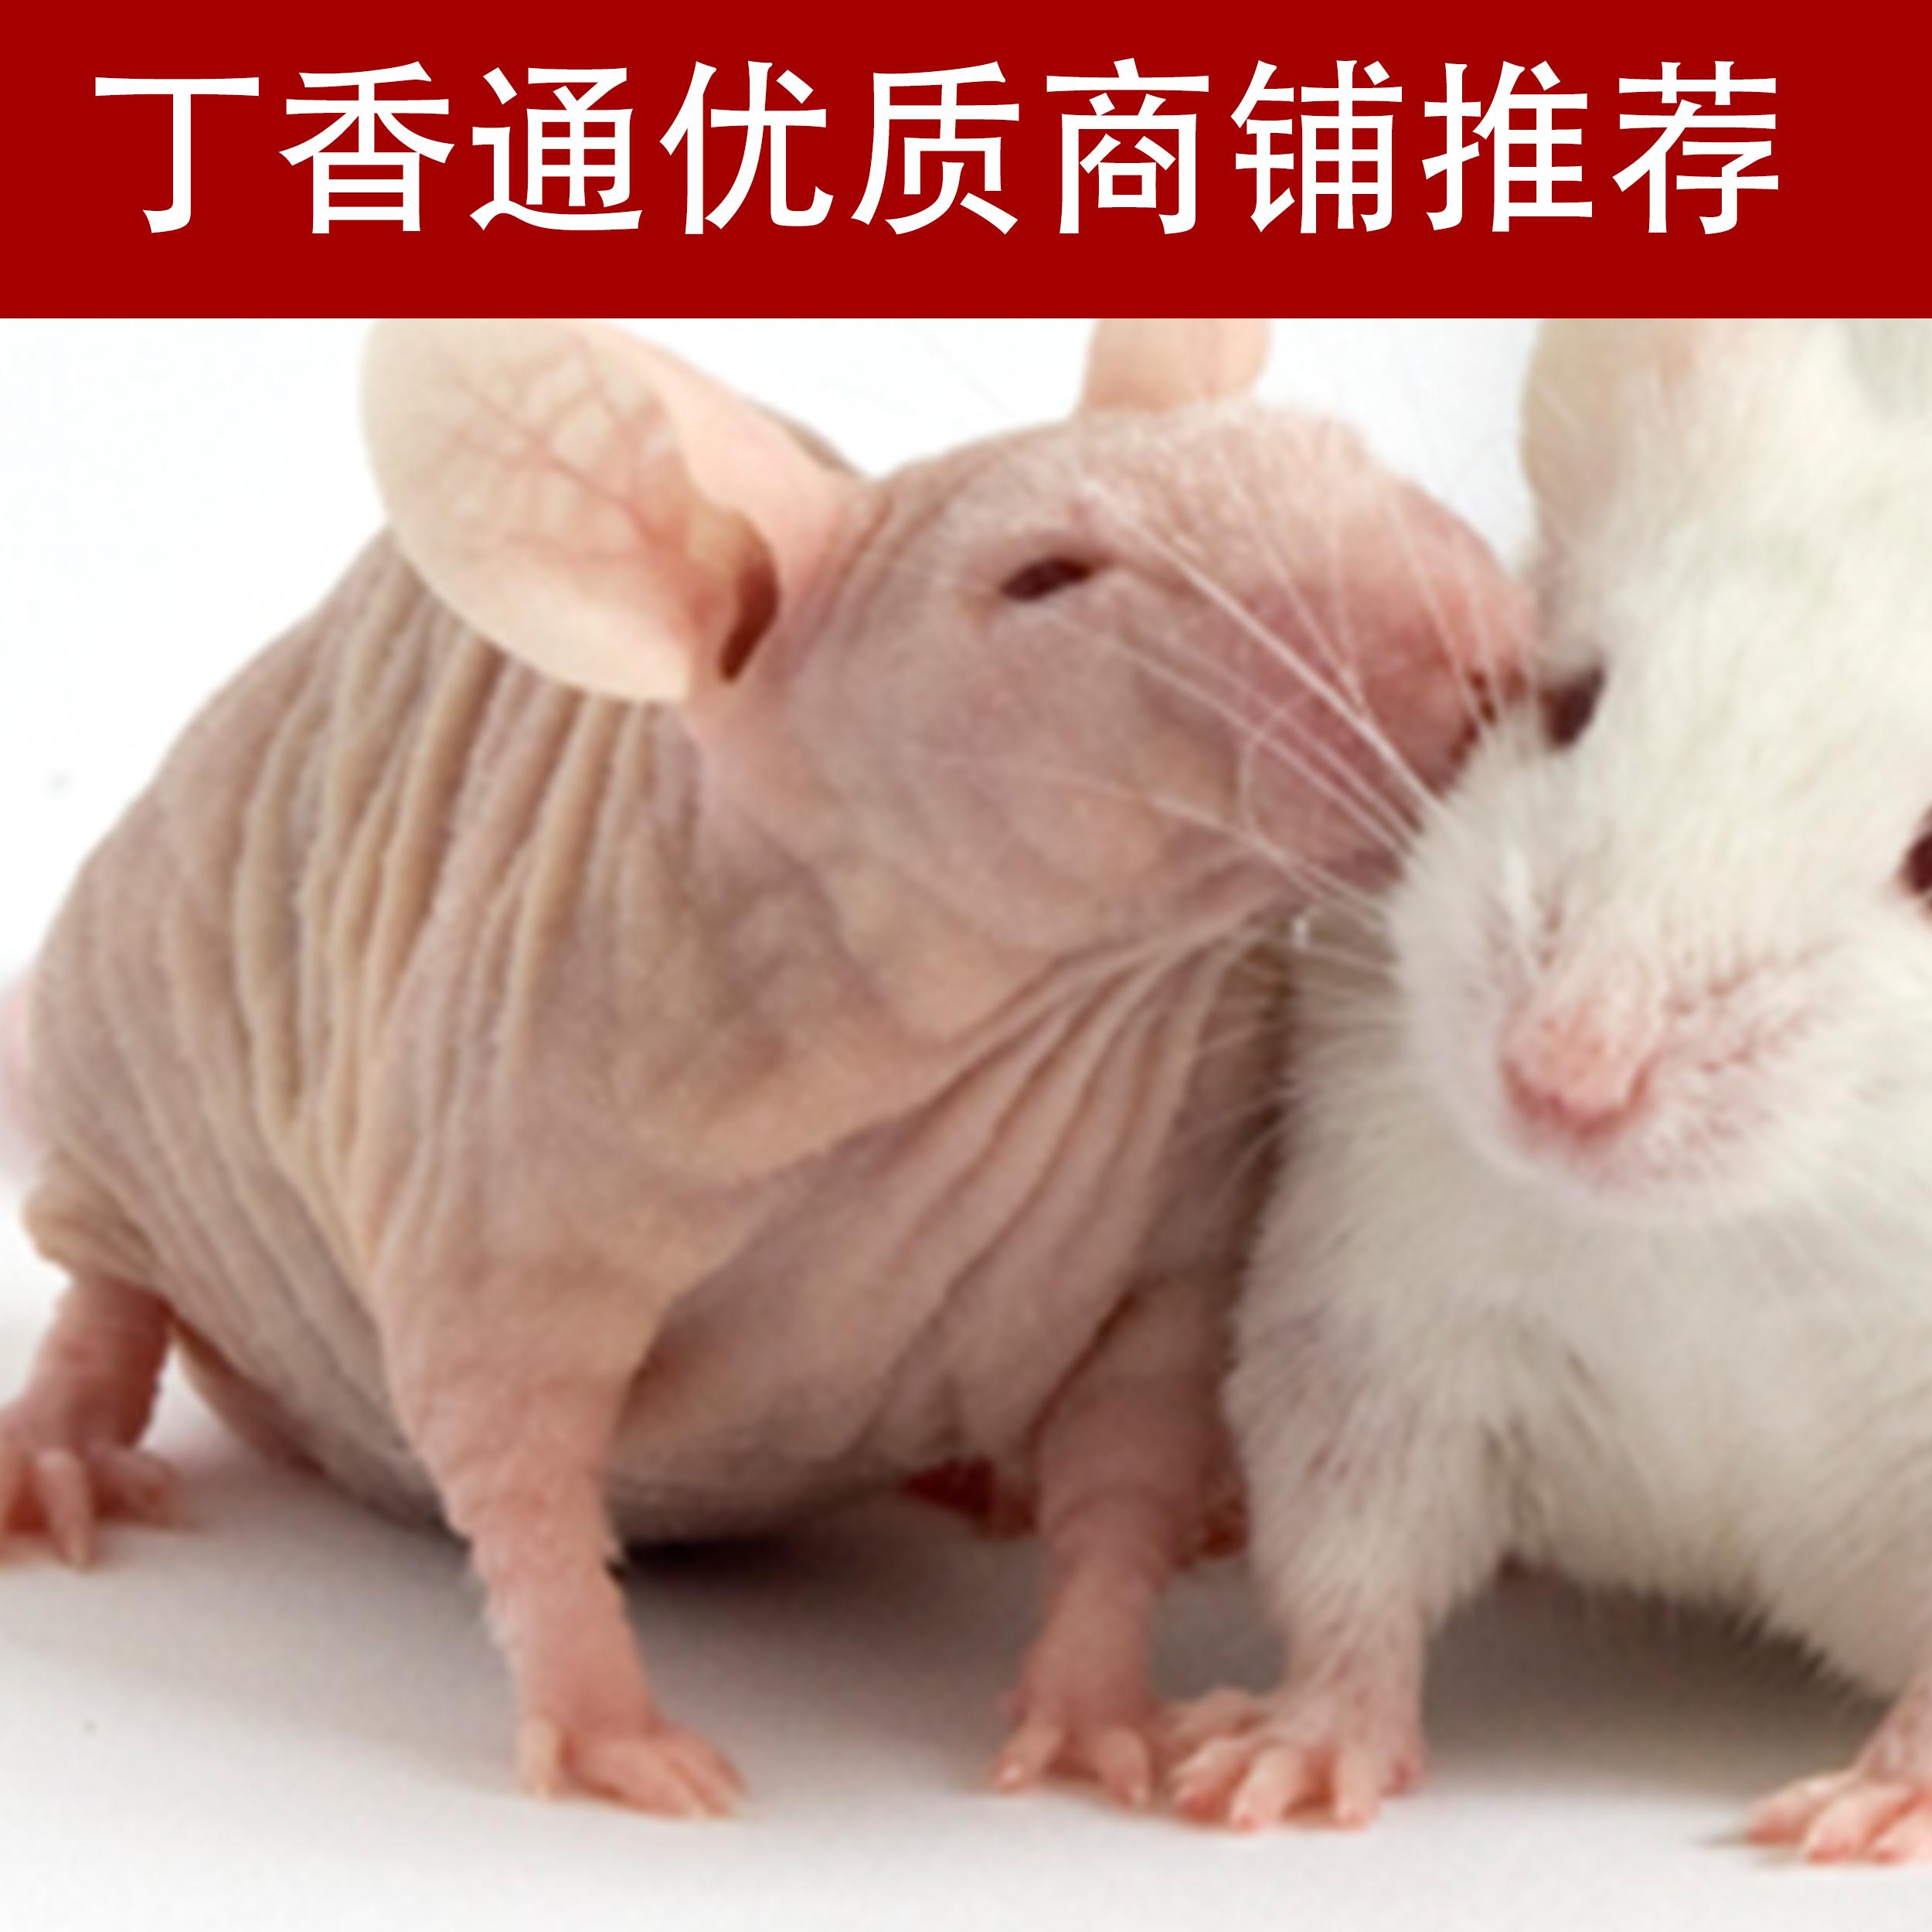 裸鼠移植瘤实验(全国十佳技术服务企业)